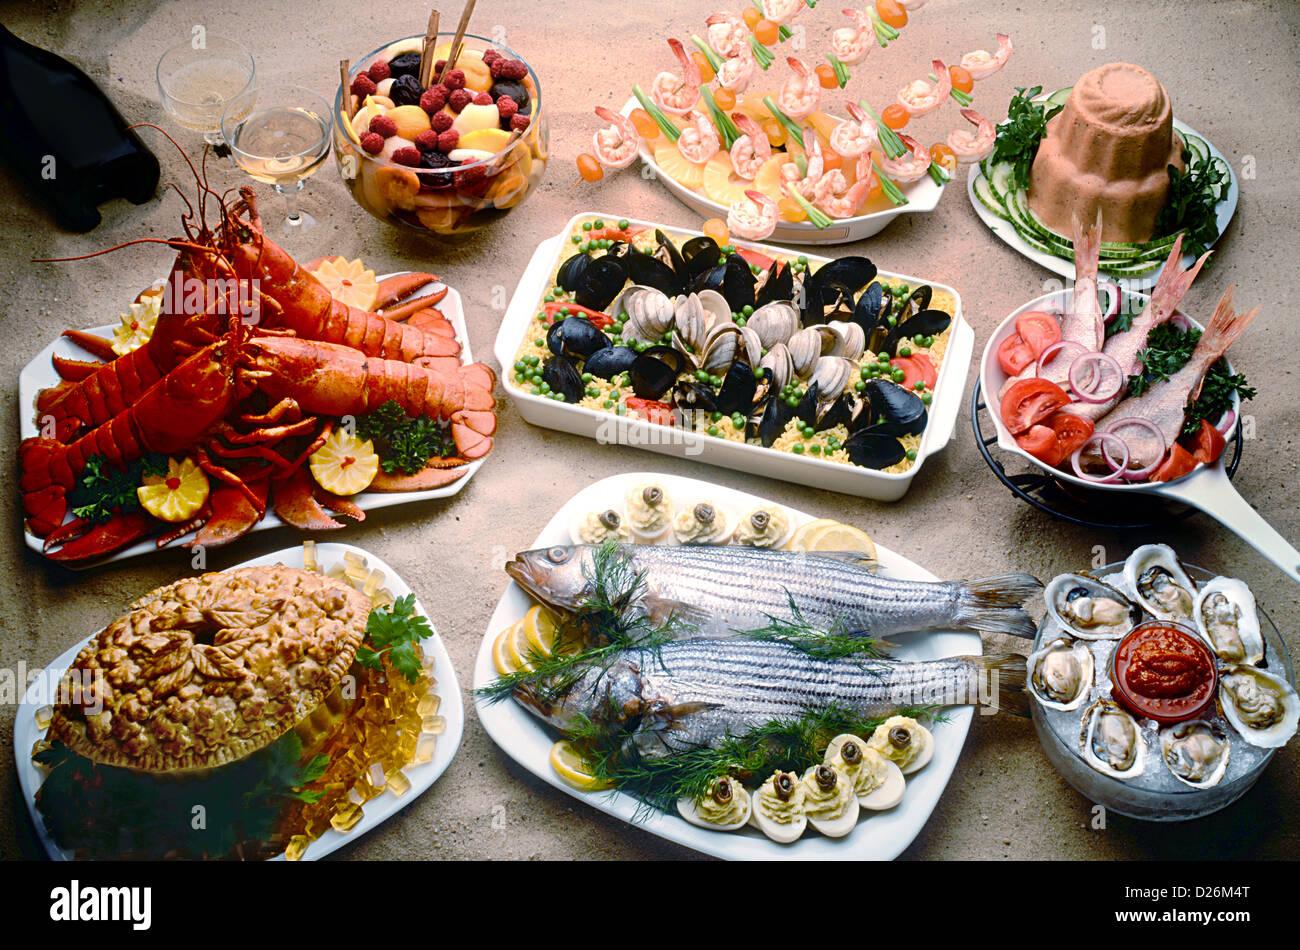 pescados y mariscos en la arena Imagen De Stock